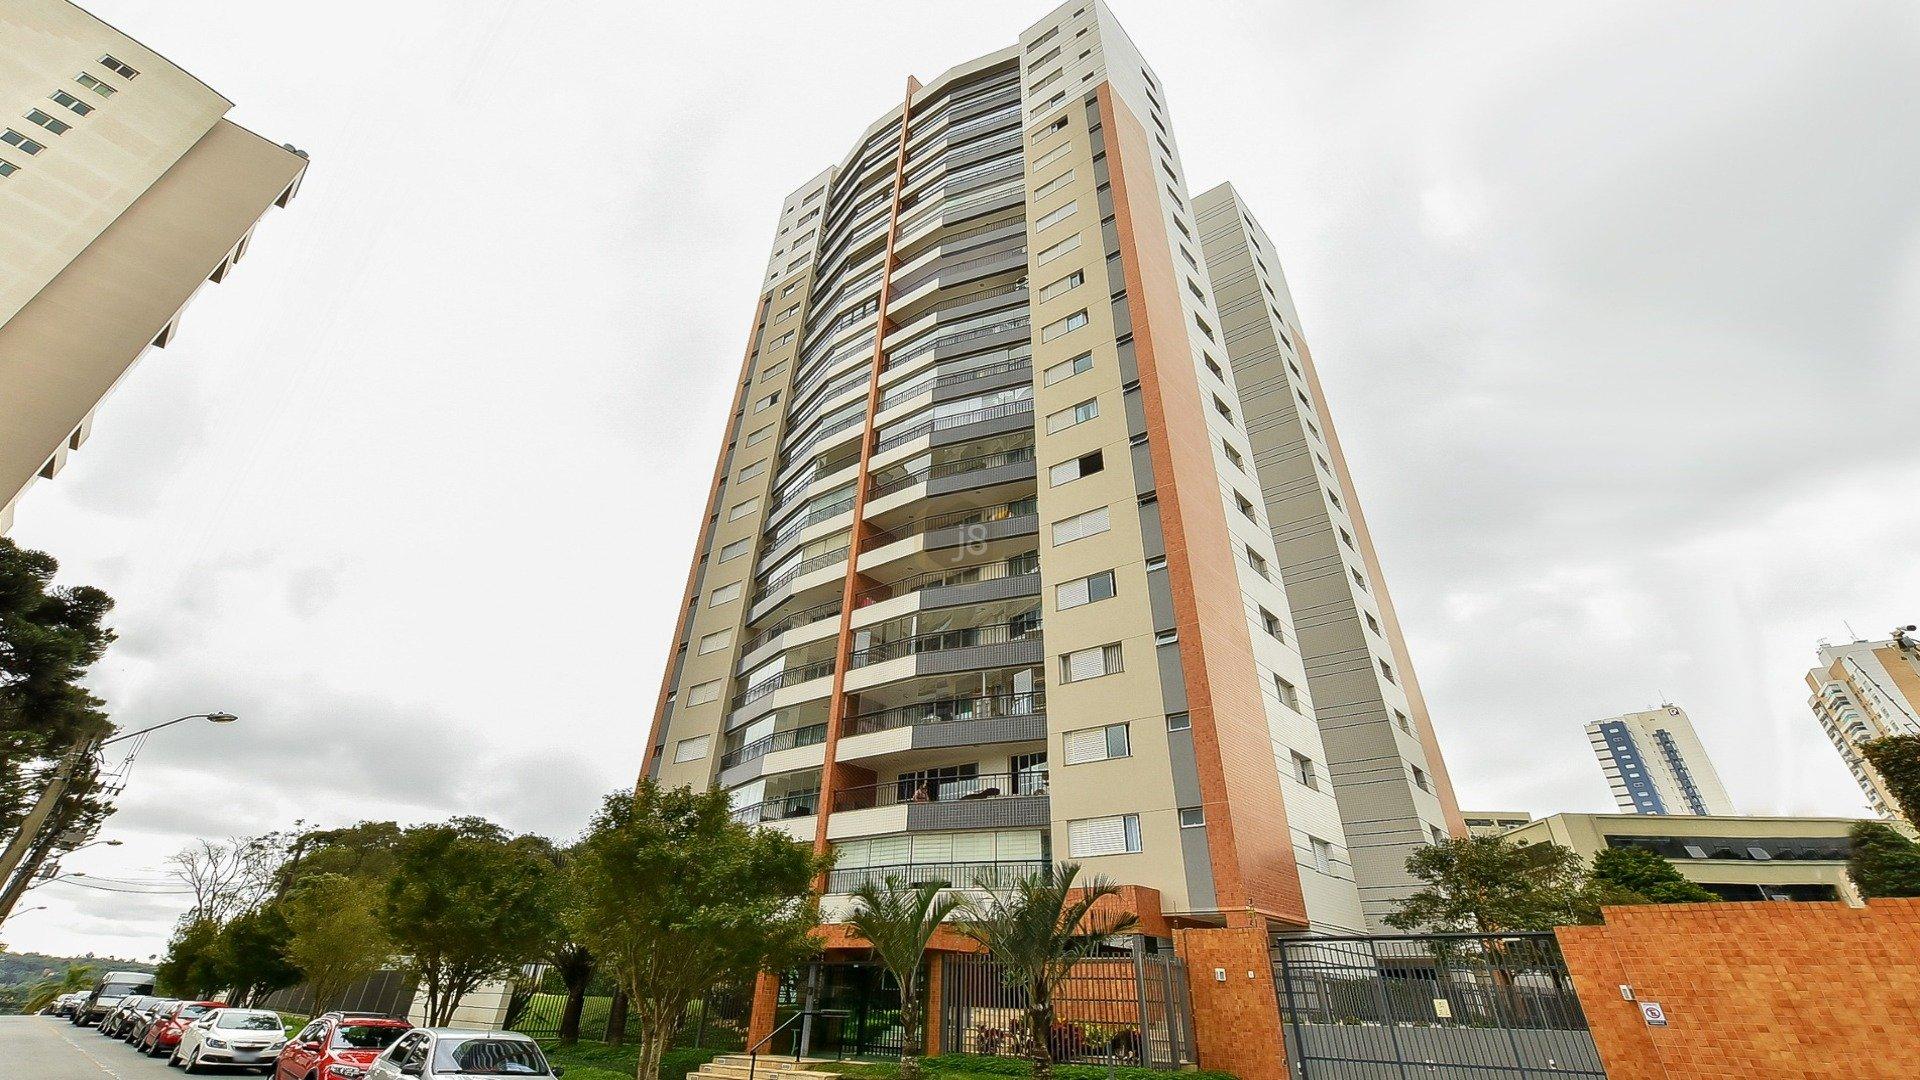 Foto de destaque Apartamento amplo com linda vista